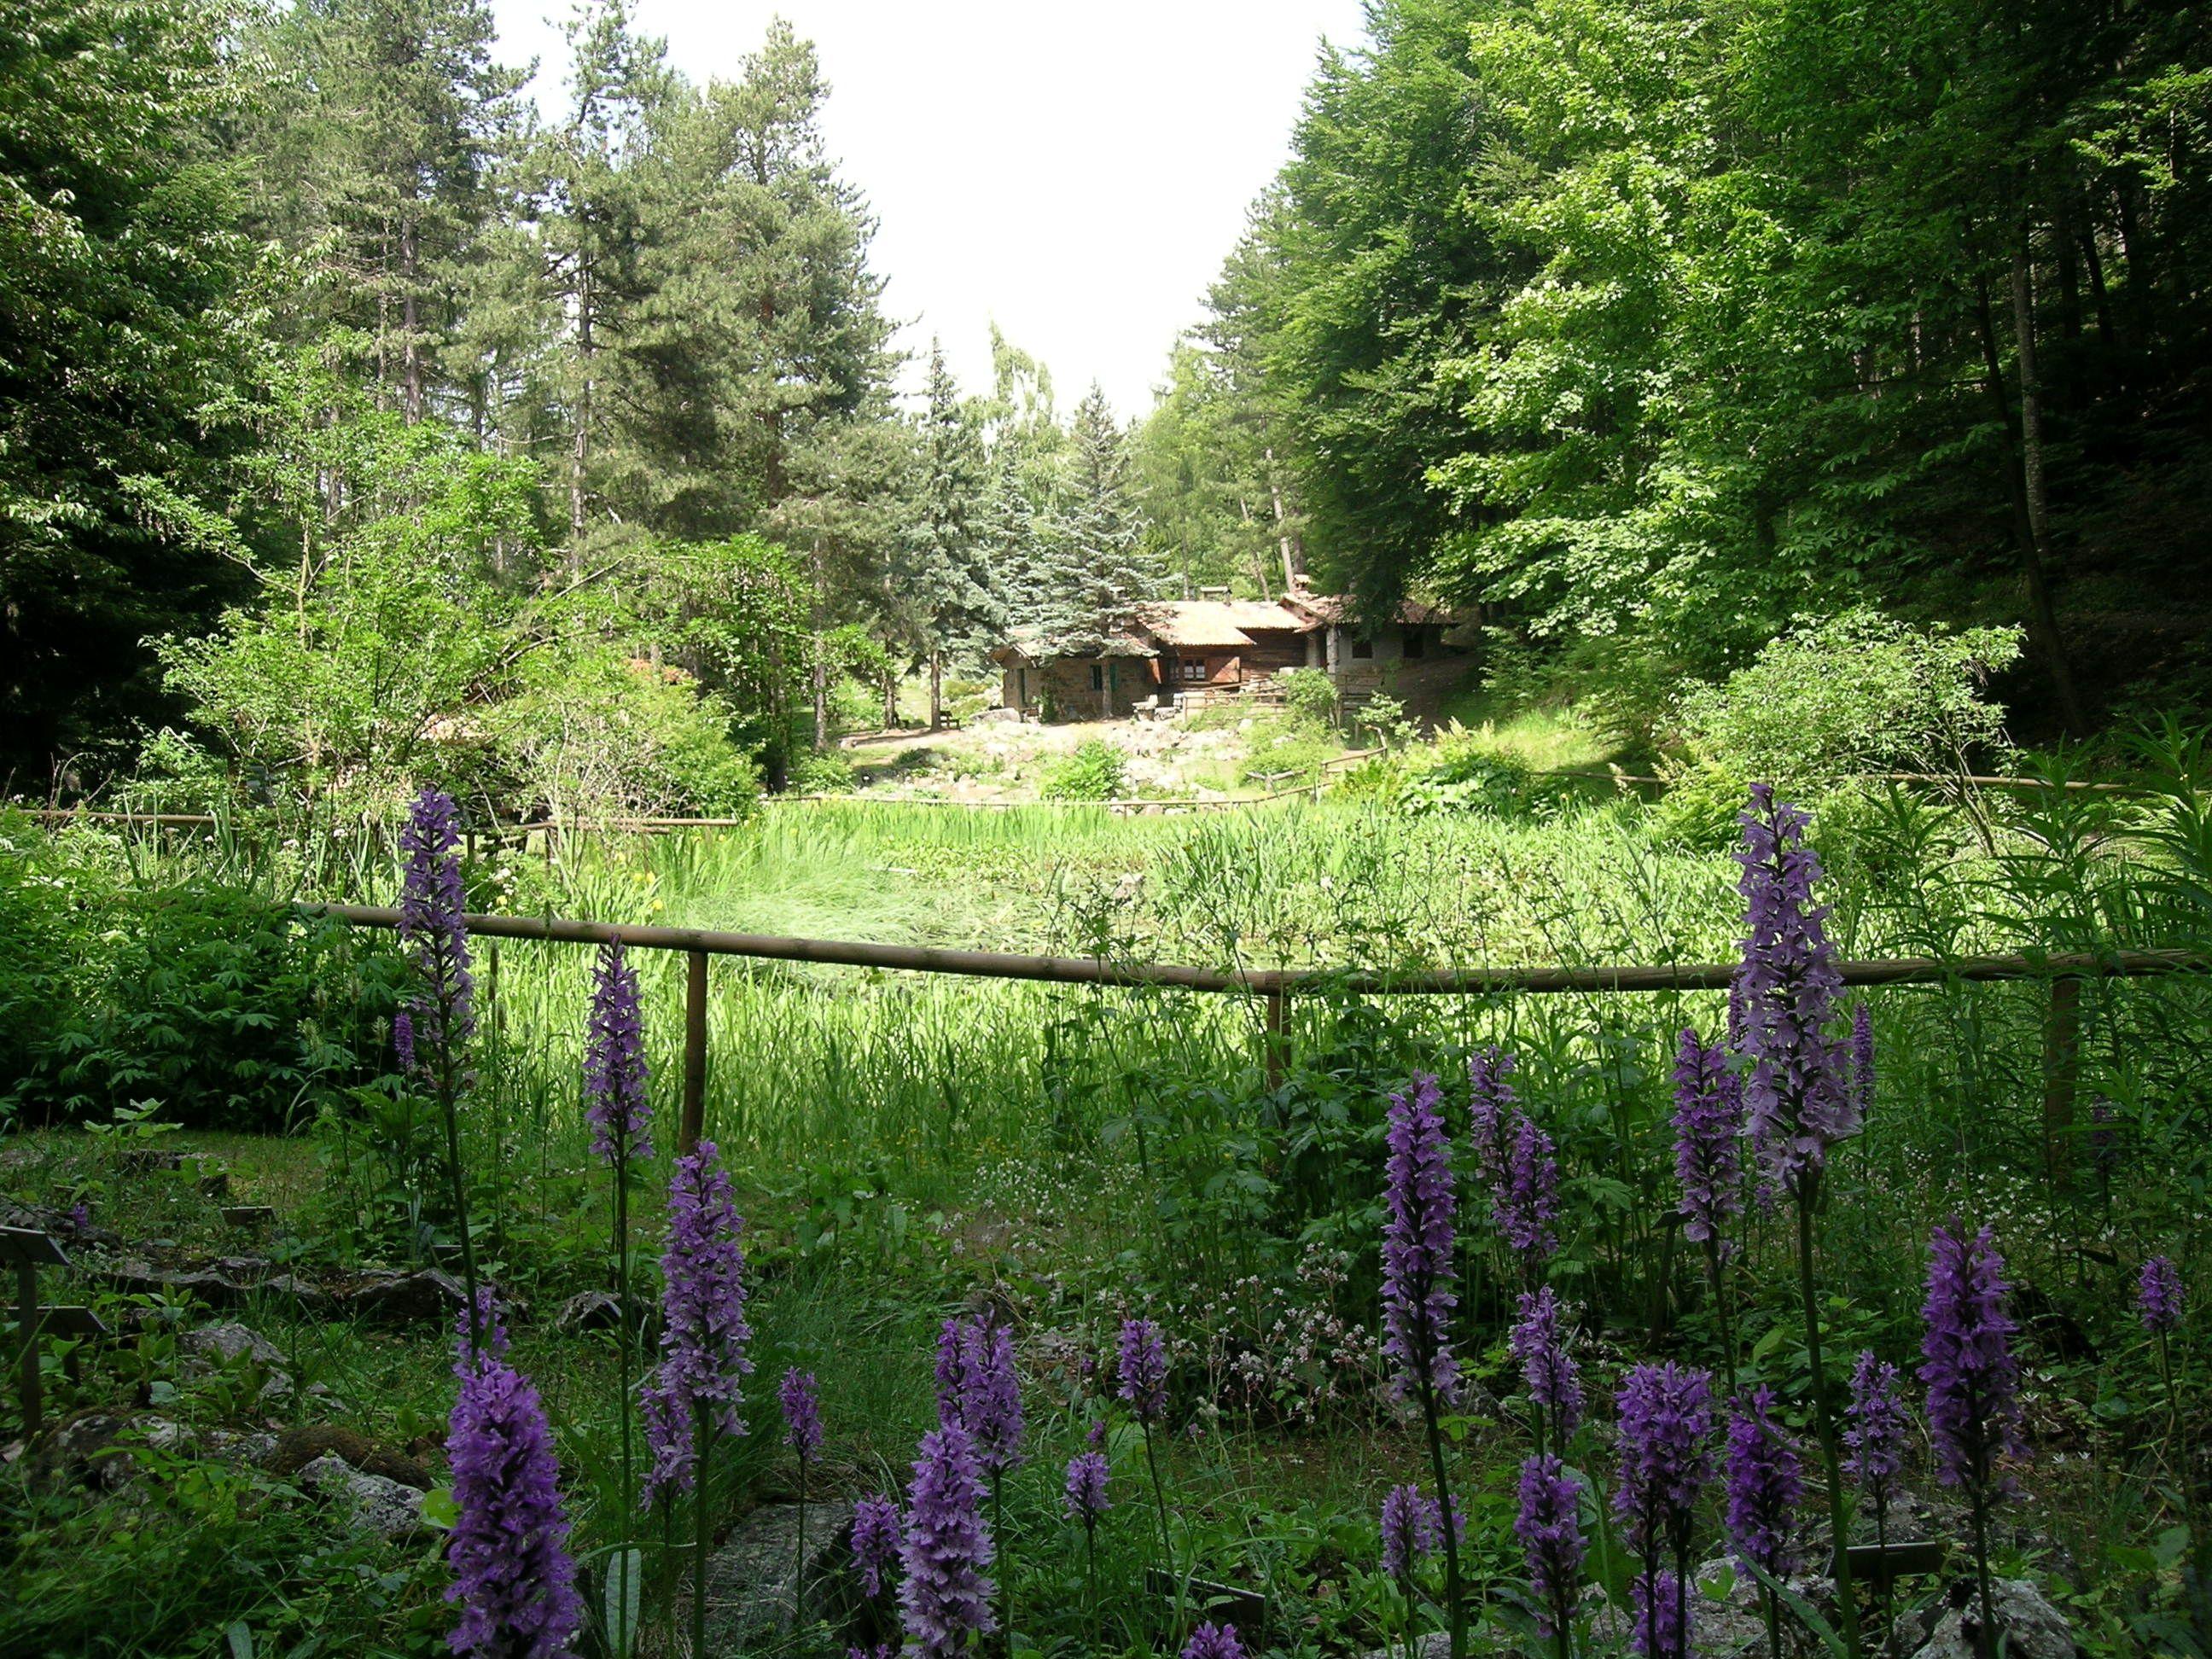 Giardino Pietra Corva : Giardino botanico alpino di pietra corva romagnese pv oltrepò